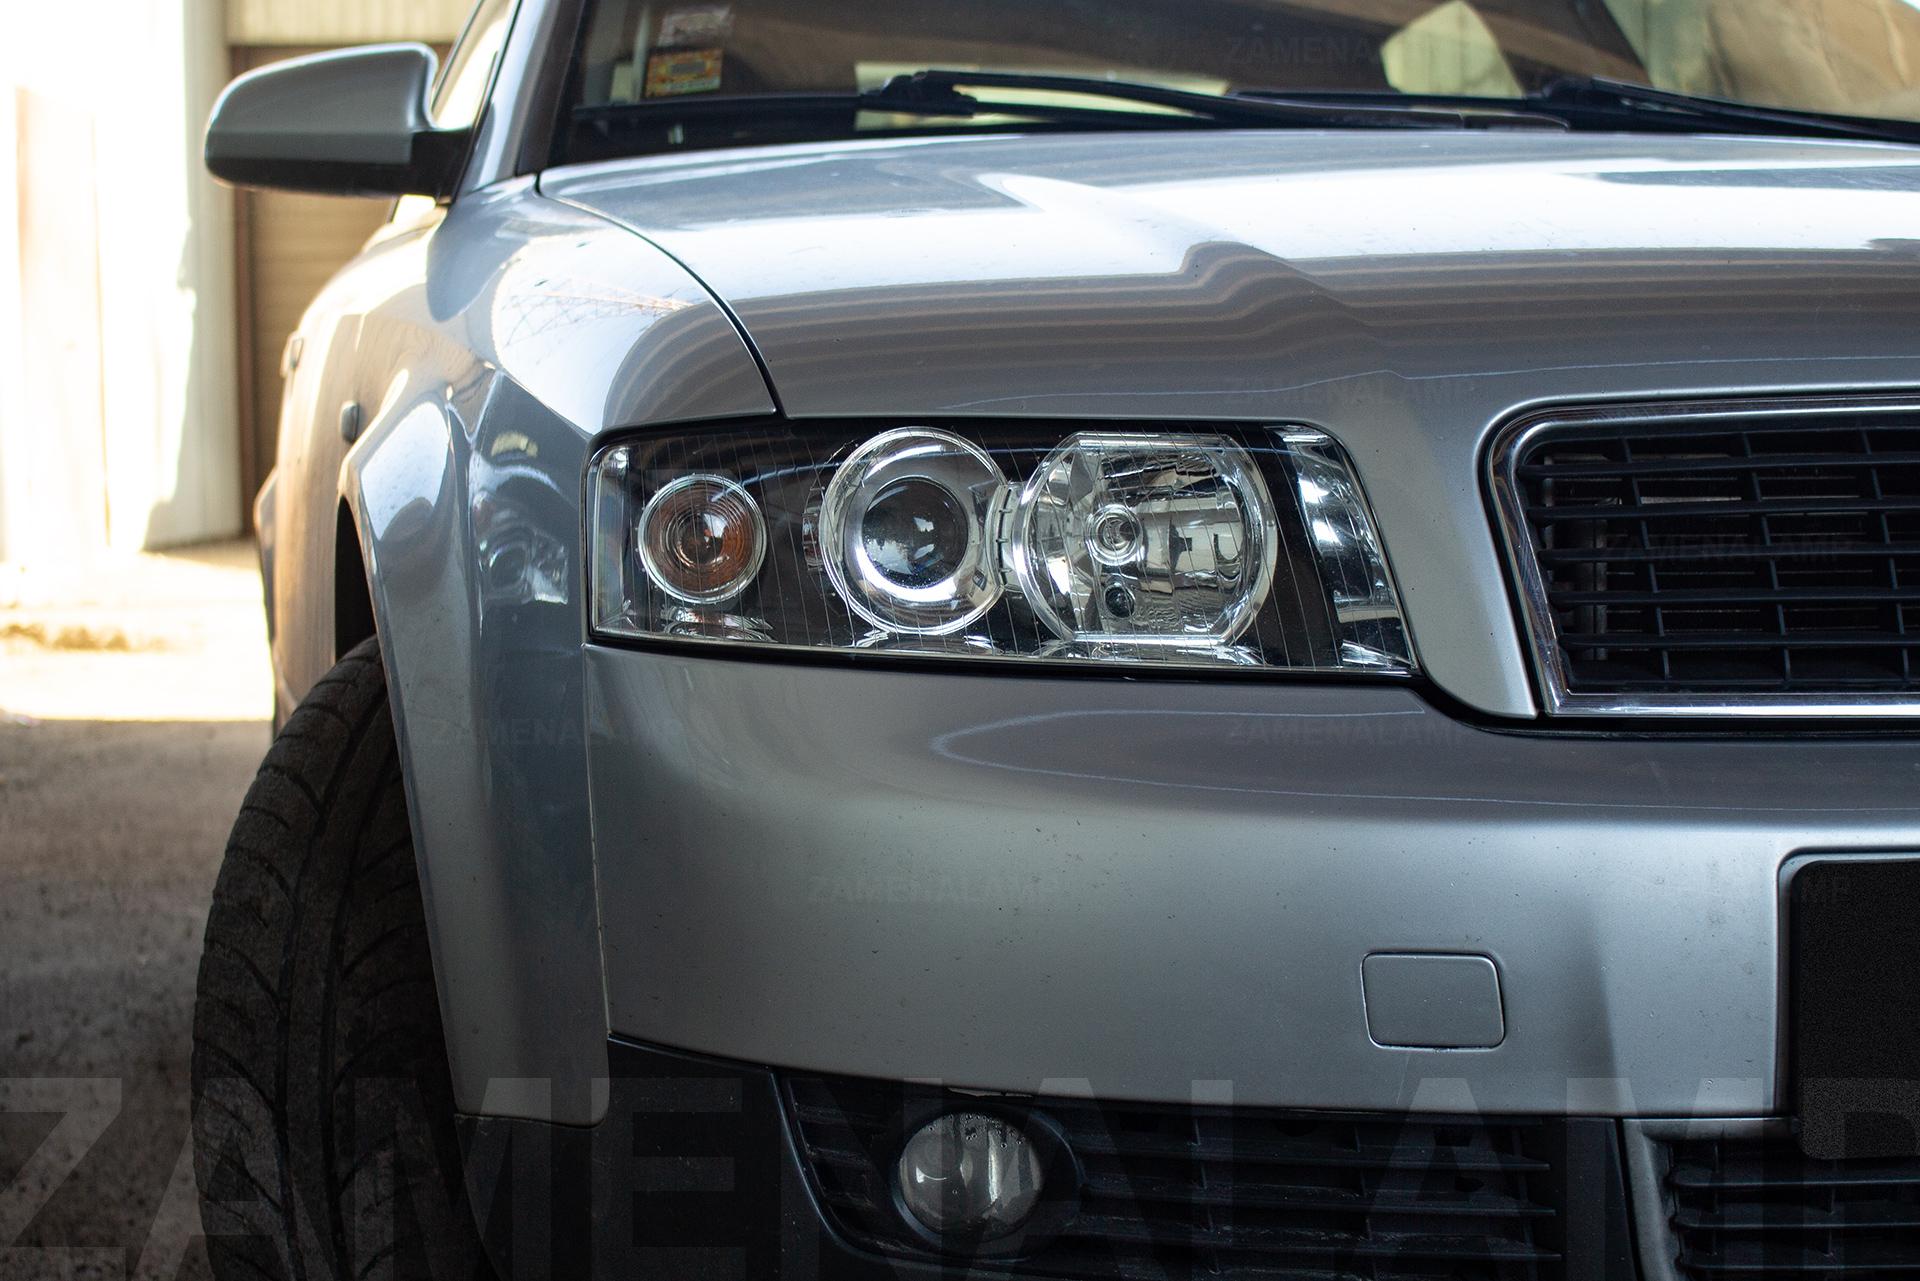 AUDI A4 B6 замена штатных линз на биксеноновые Q5